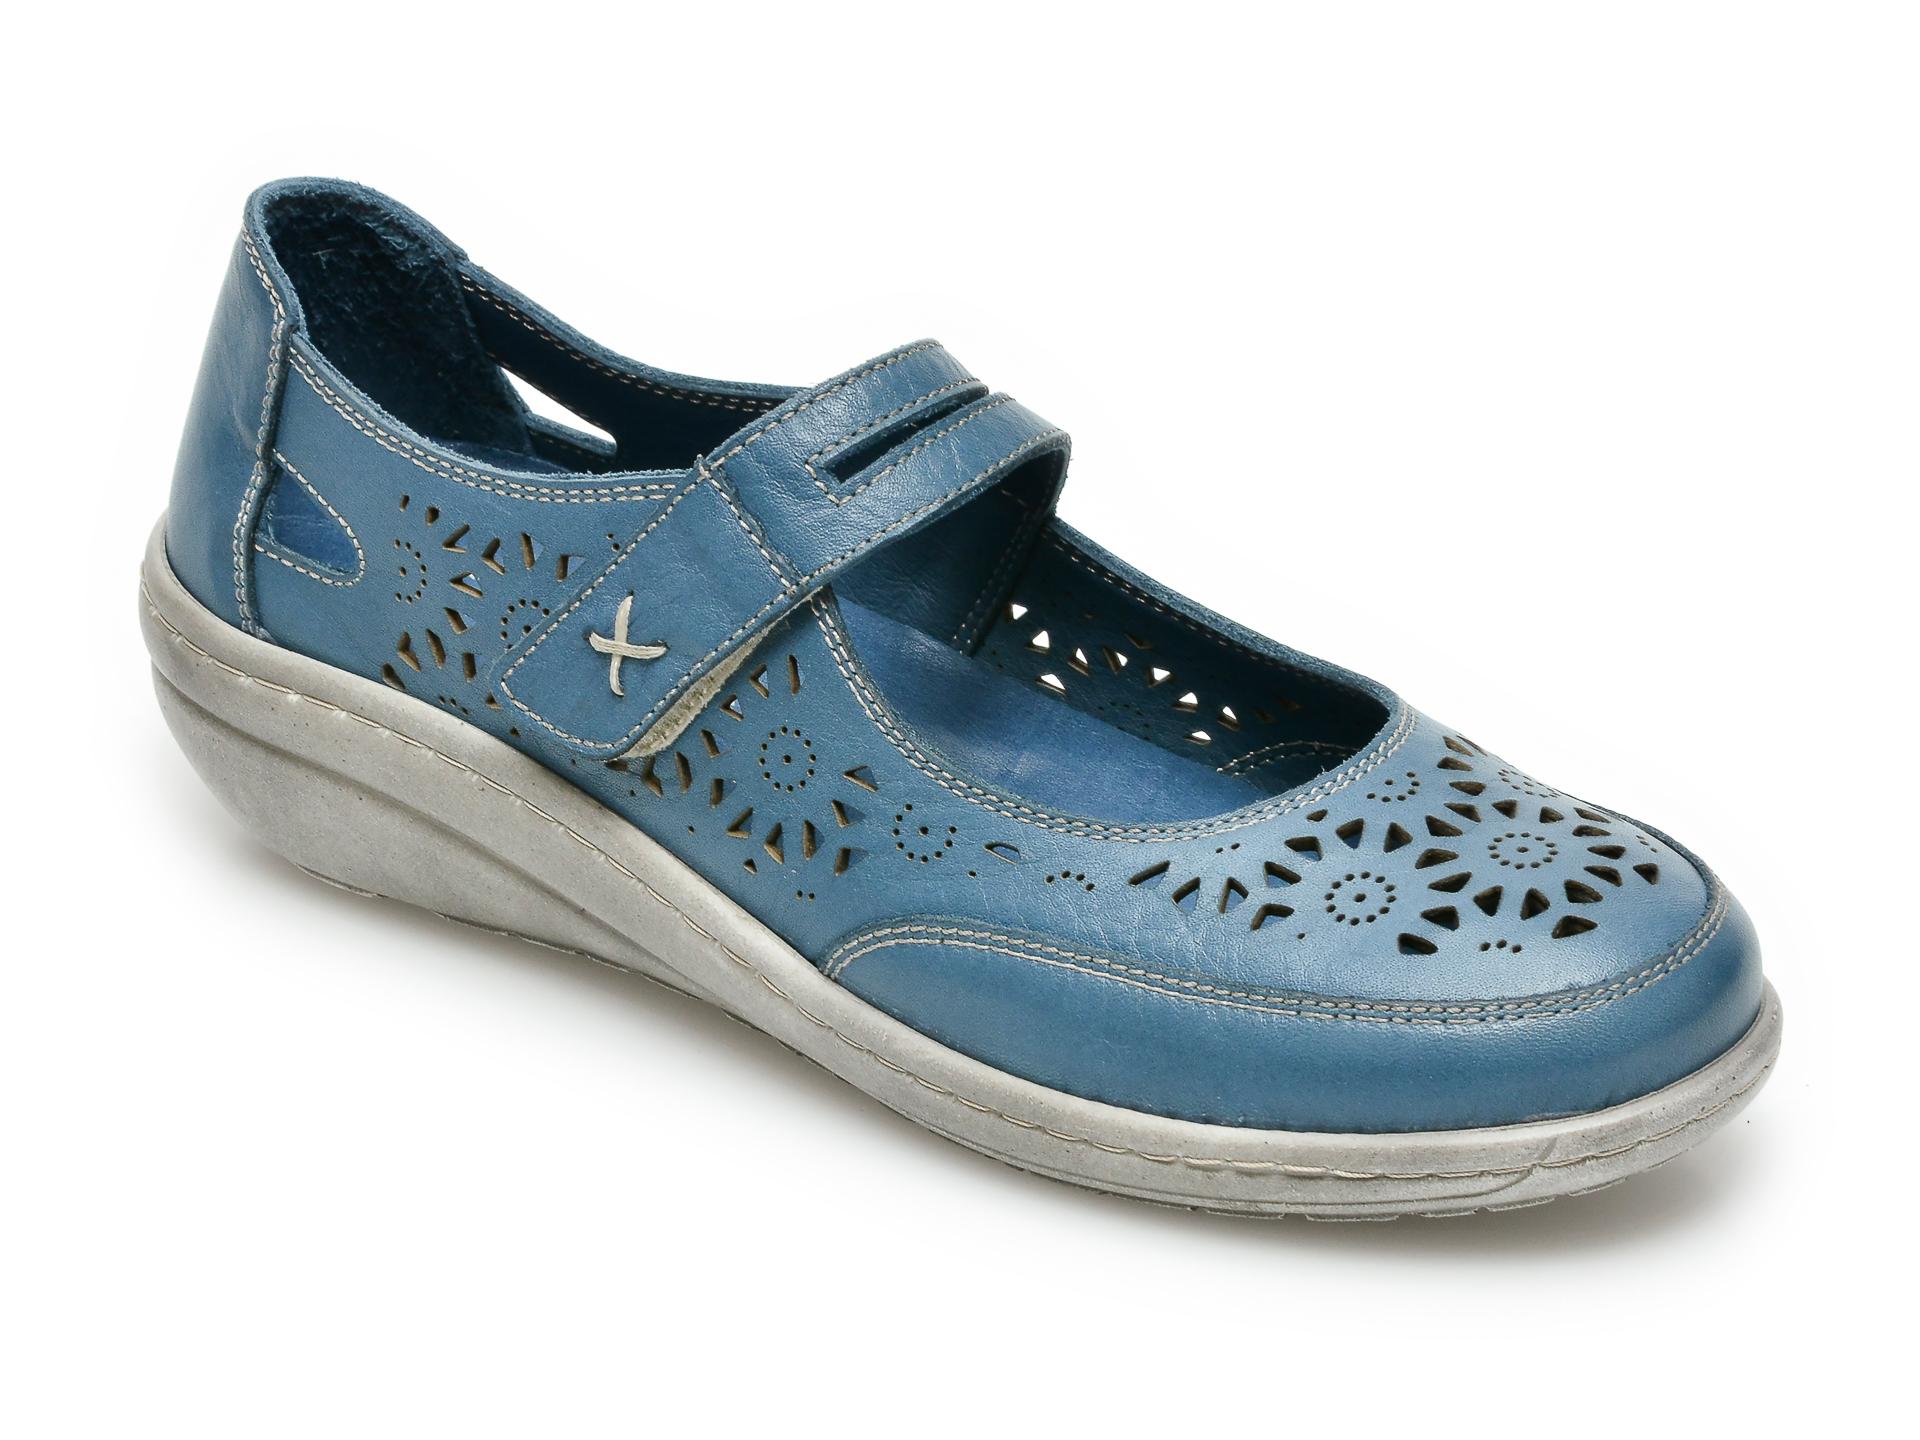 Pantofi PASS COLLECTION bleumarin, 62050, din piele naturala imagine otter.ro